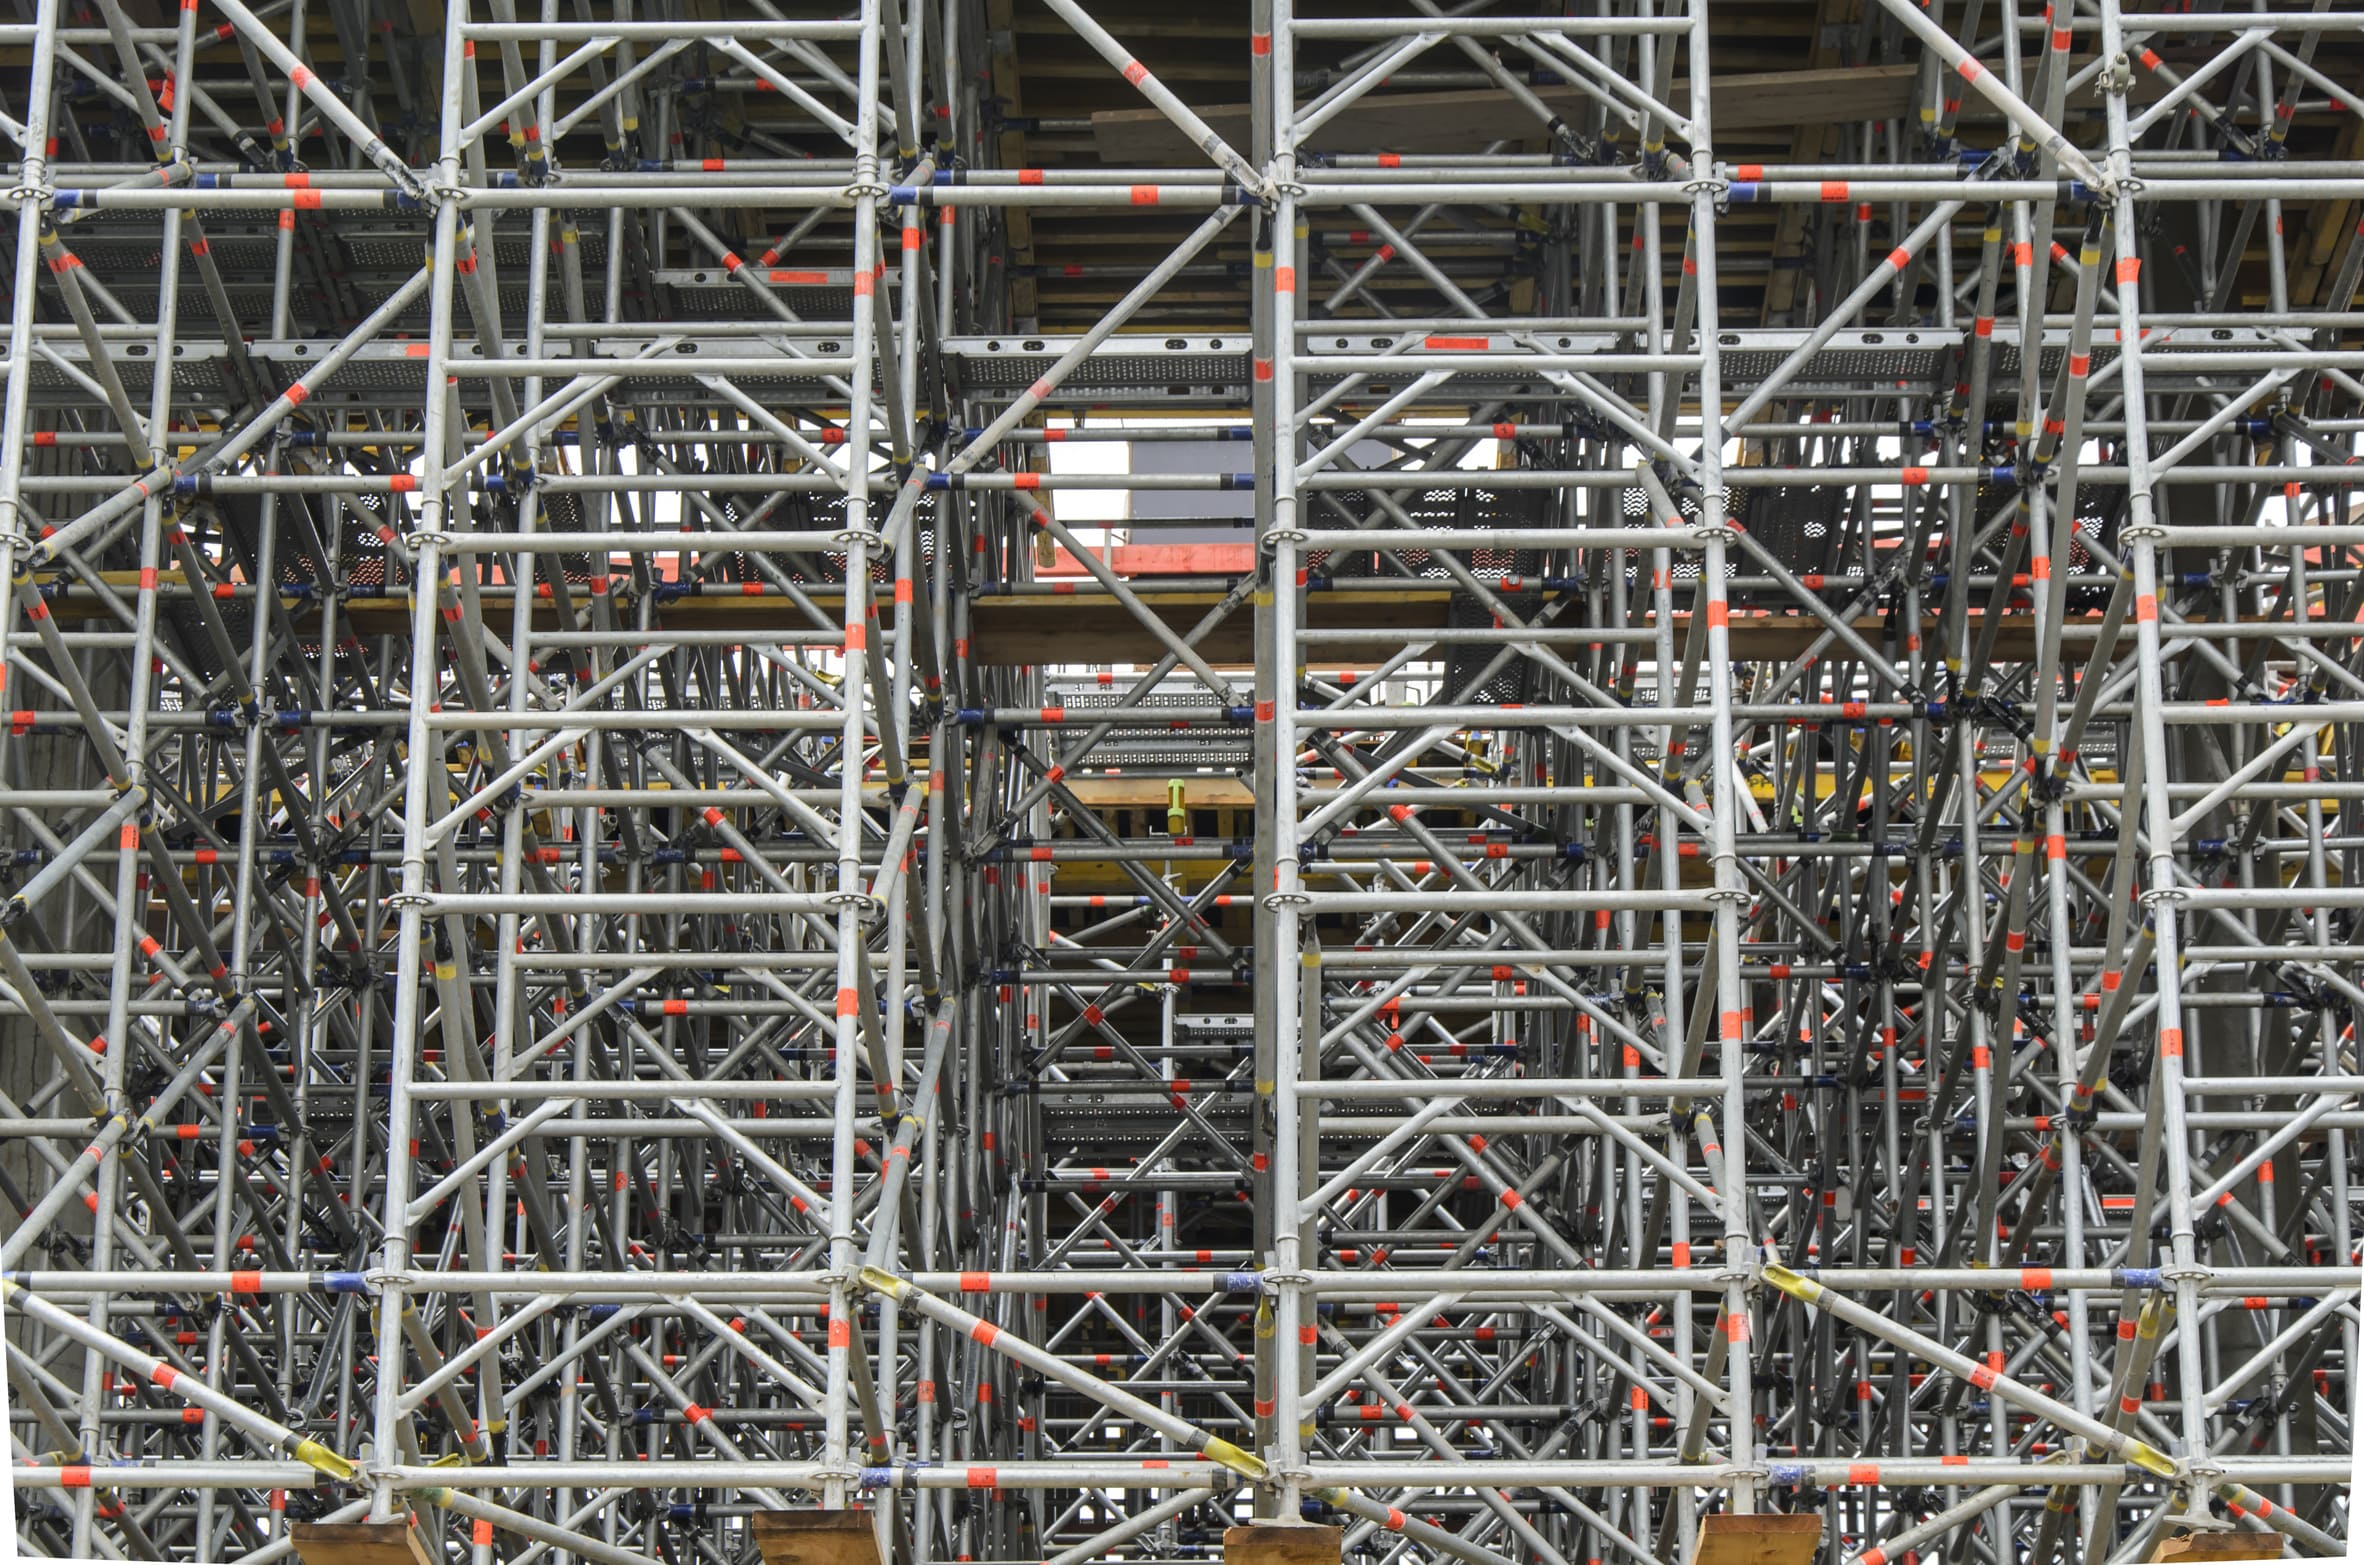 Plac budowy z rusztowaniami i podporami